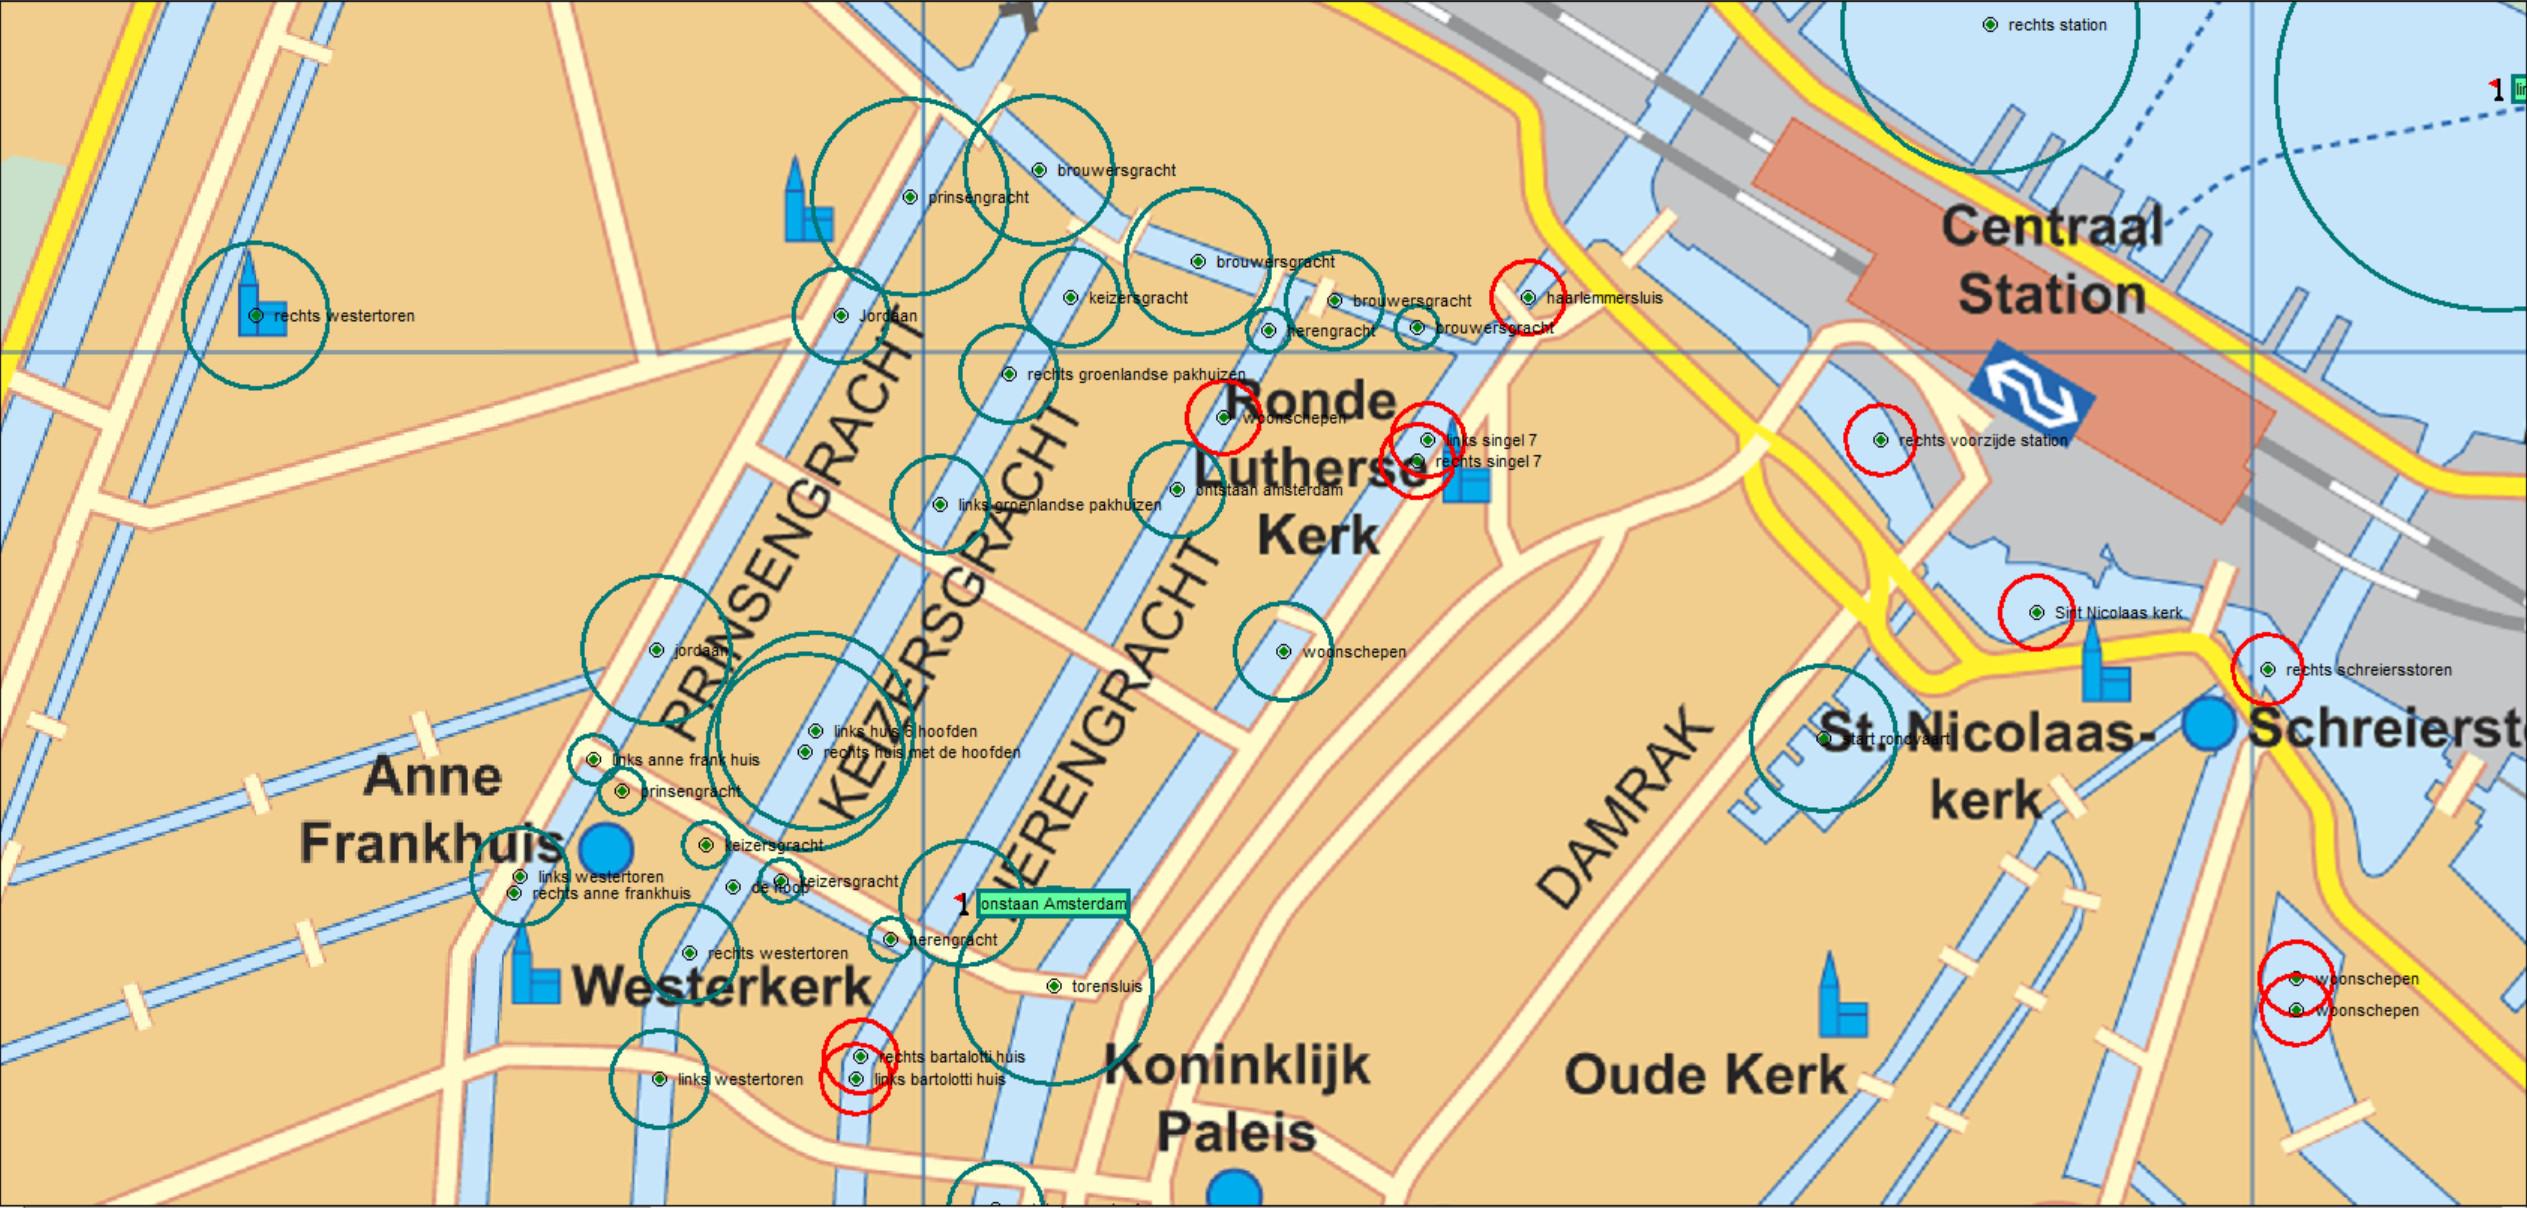 GPS gestuurd tour guide